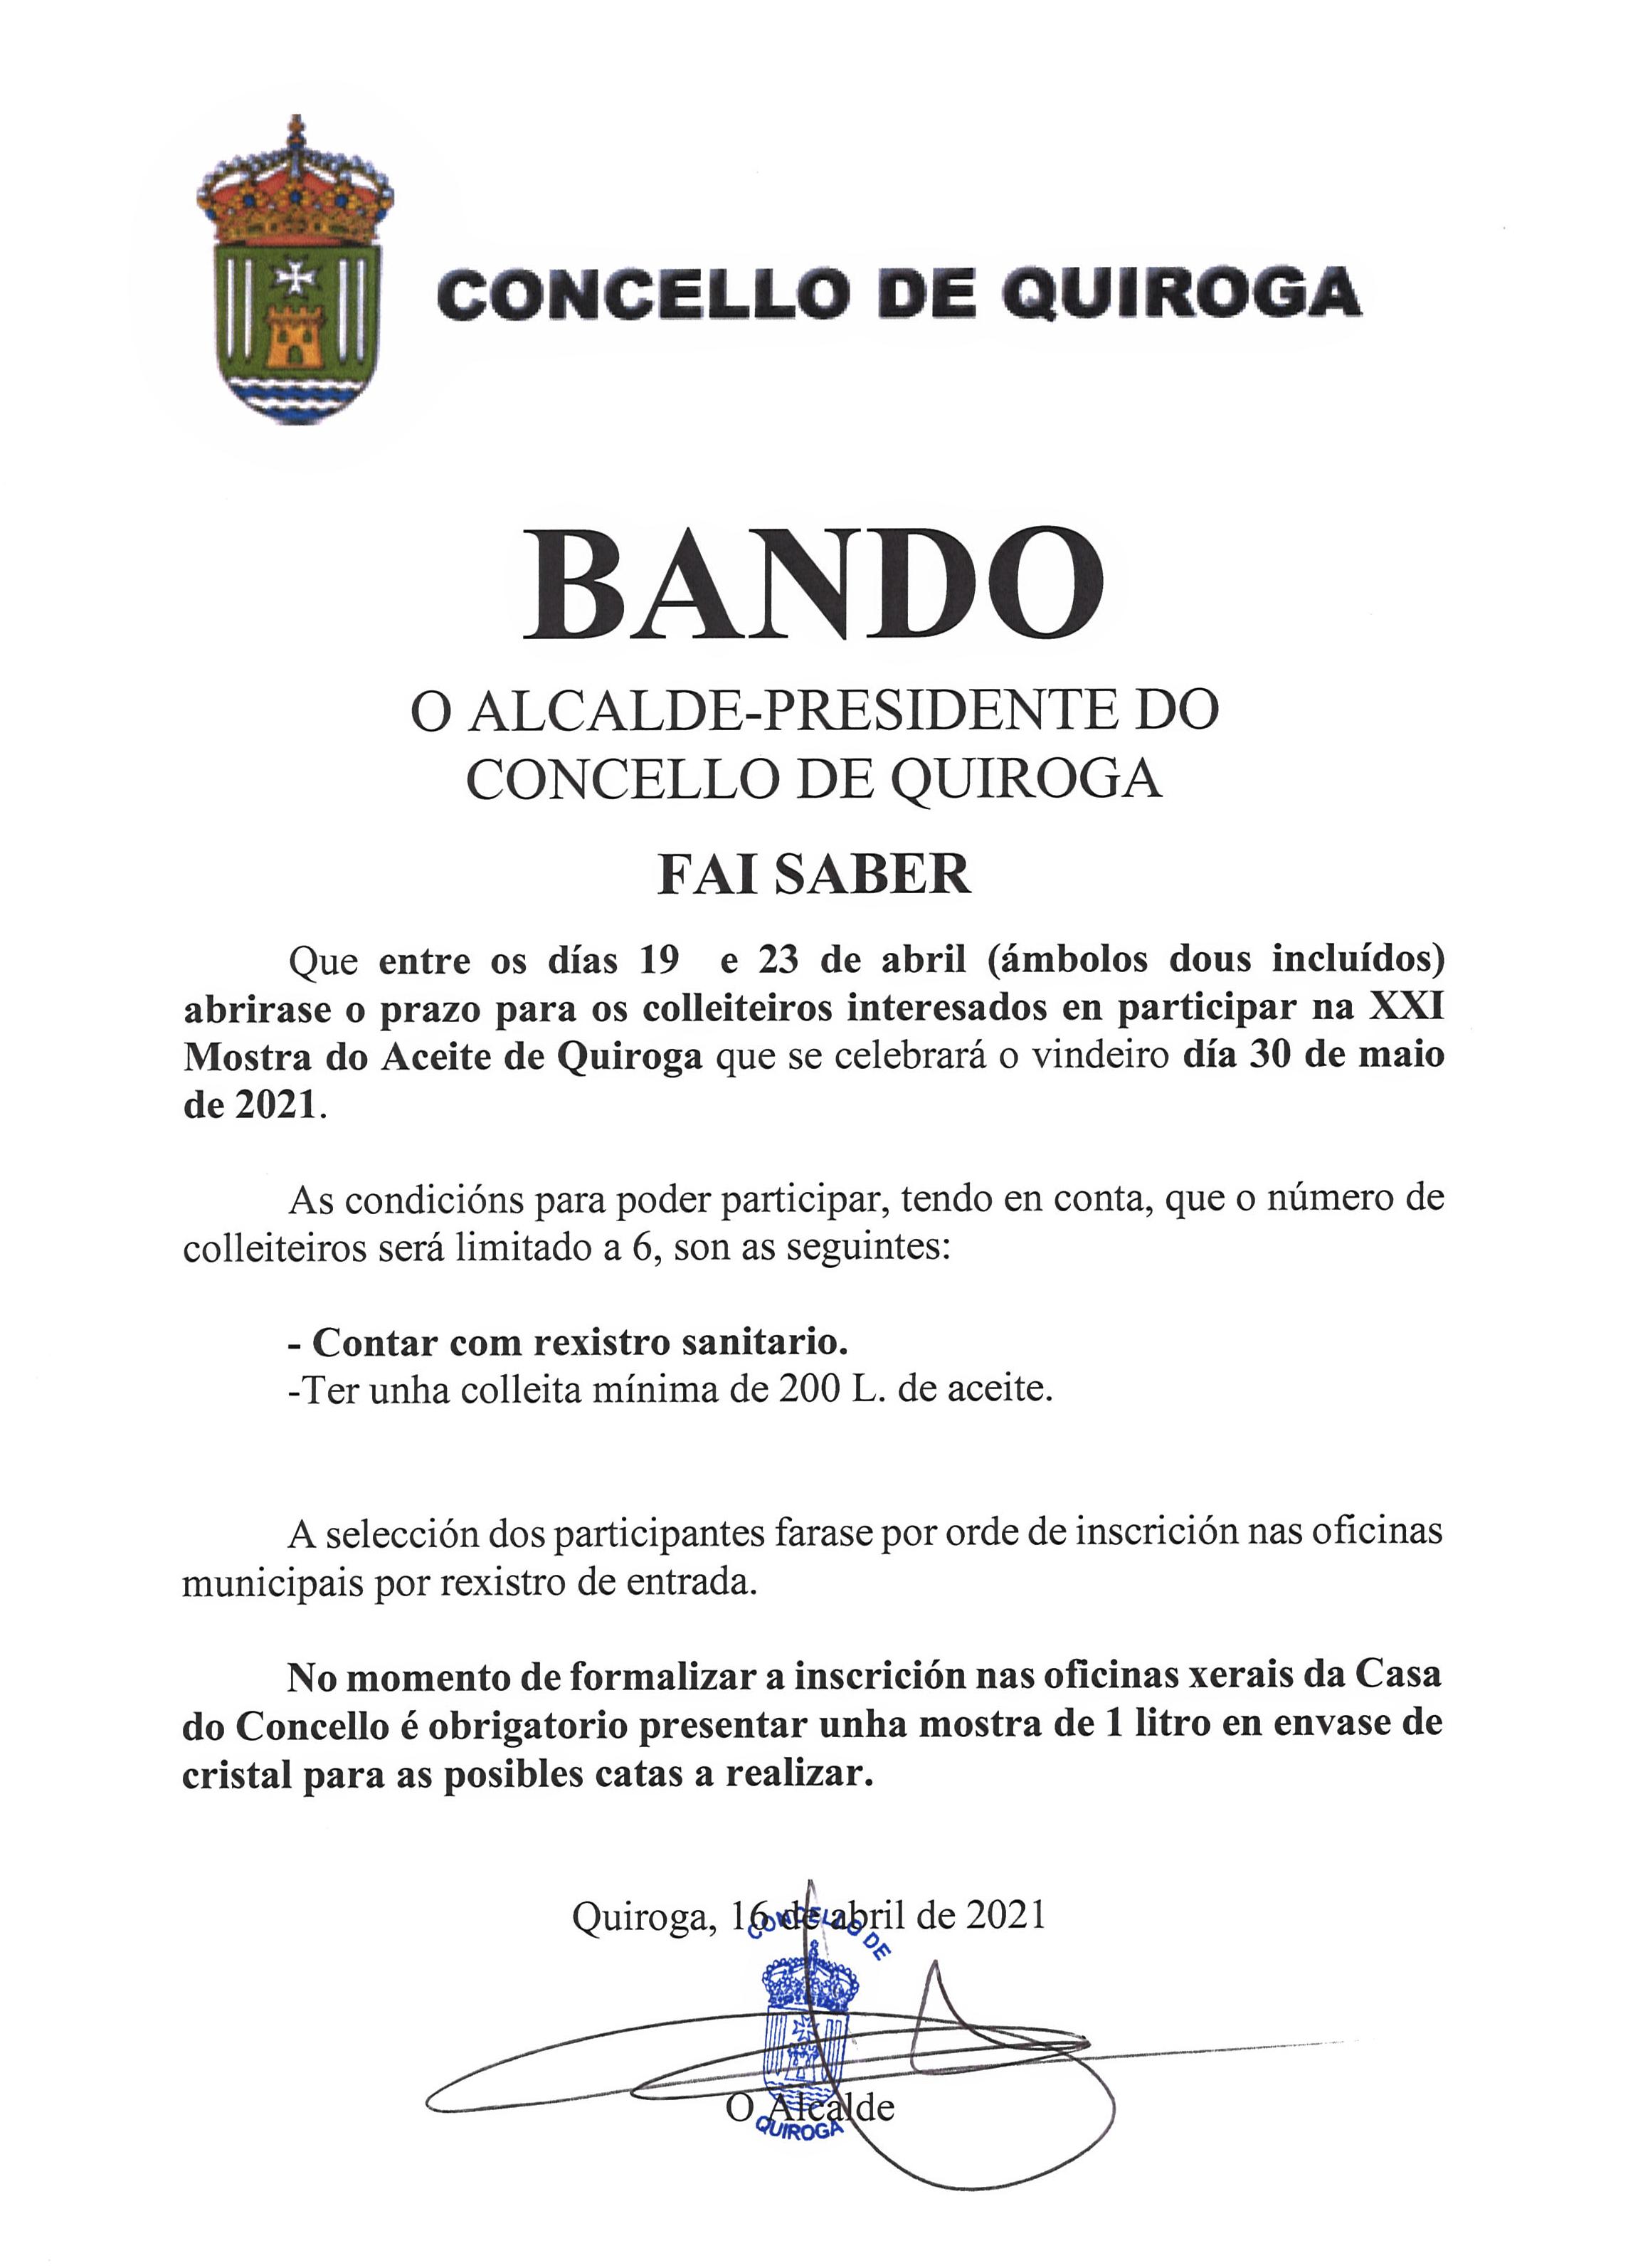 Bando de inscripción en la XXI Muestra del Aceite de Quiroga